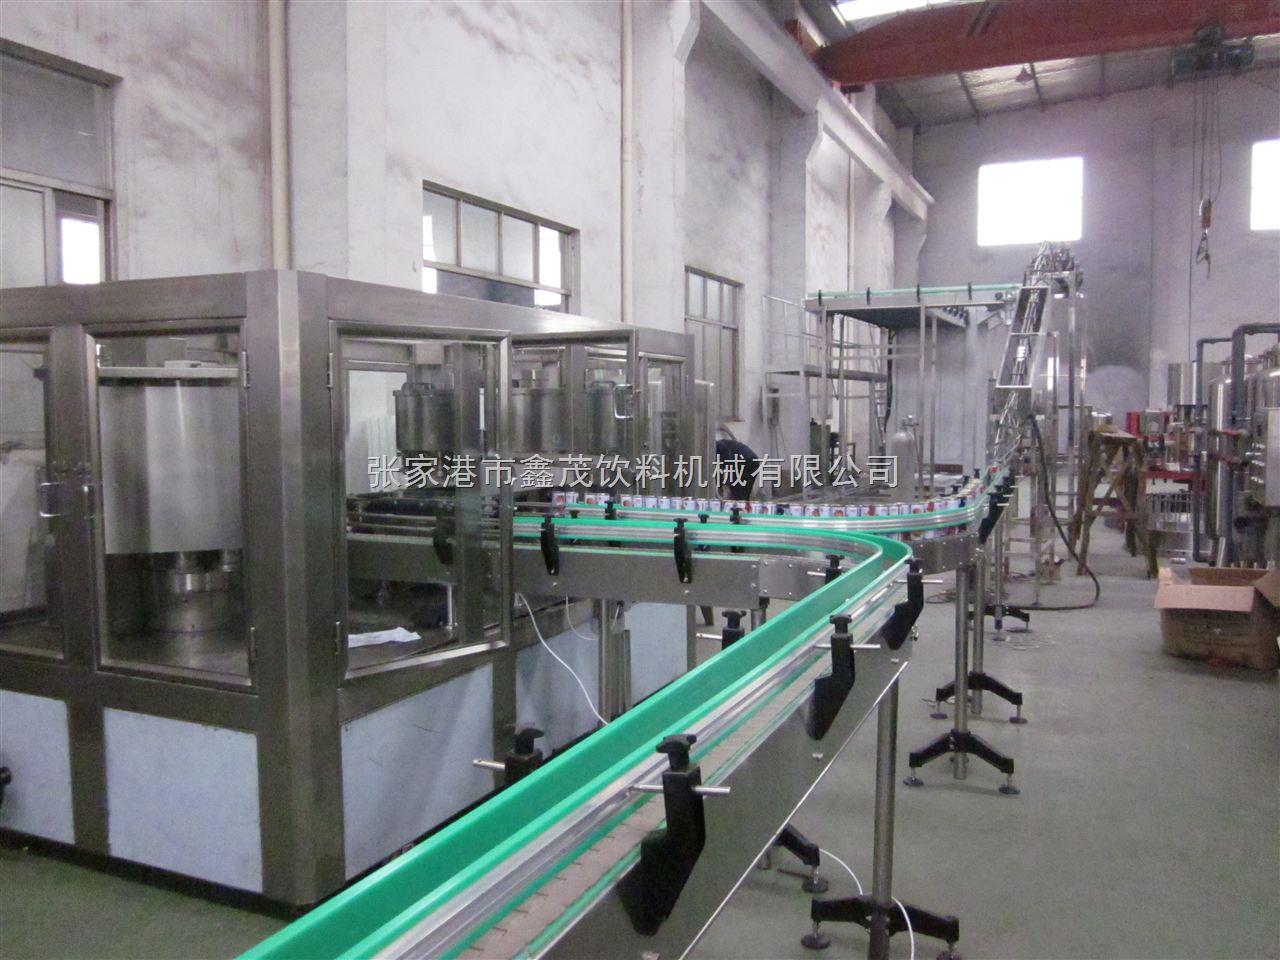 六个核桃易拉罐饮料生产线